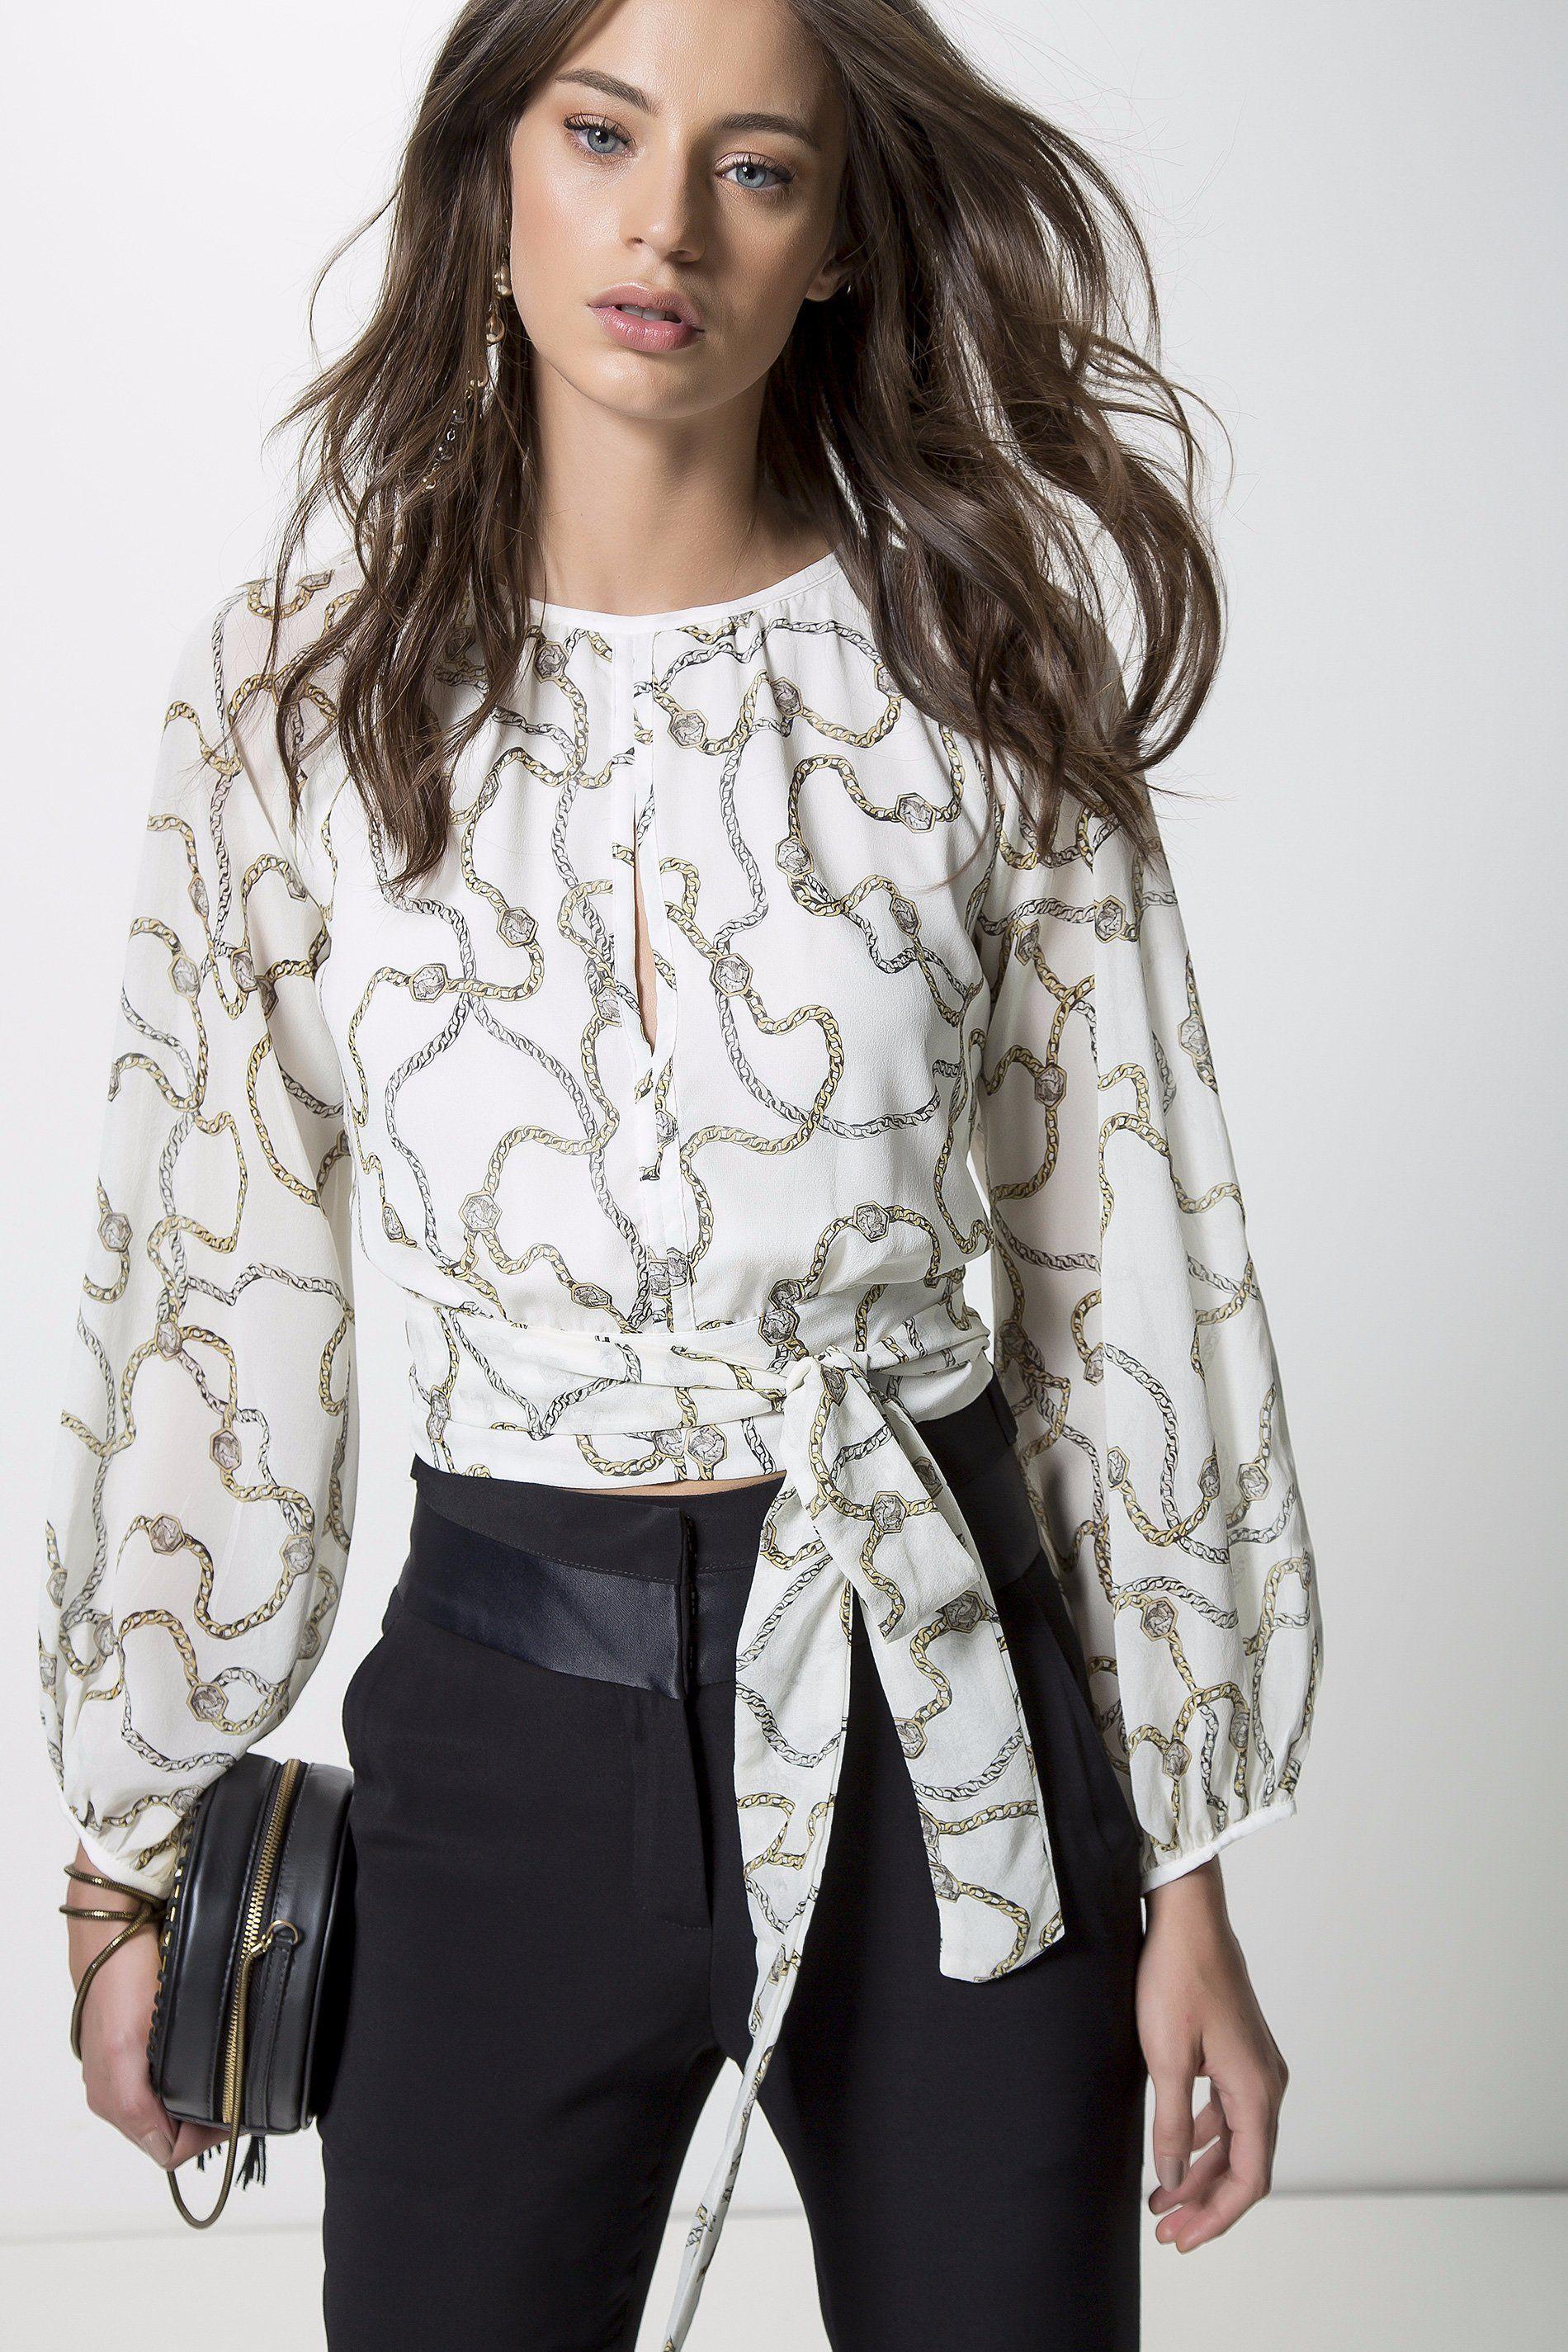 d1a028575 BLUSA SEDA SIENA OFF P | ANIMALE | moda | Blusas, Blusas de seda e ...